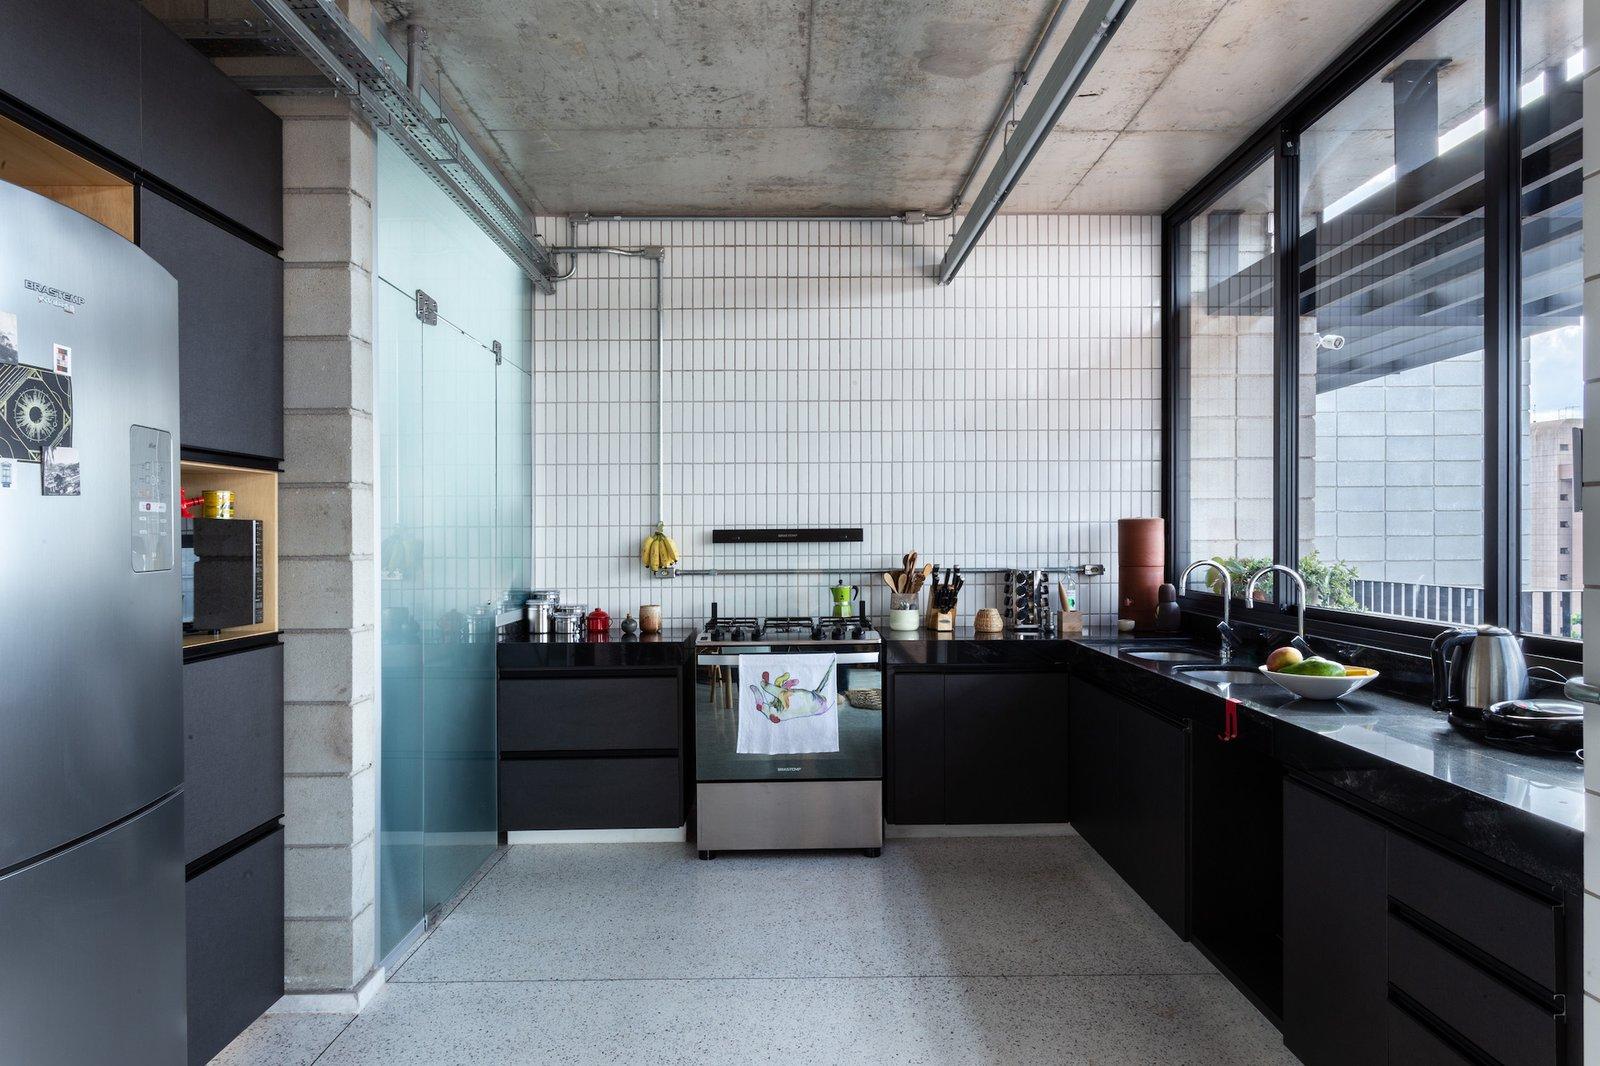 Casa Comiteco by Marcos Franchini and Nattalia Bom Conselho kitchen